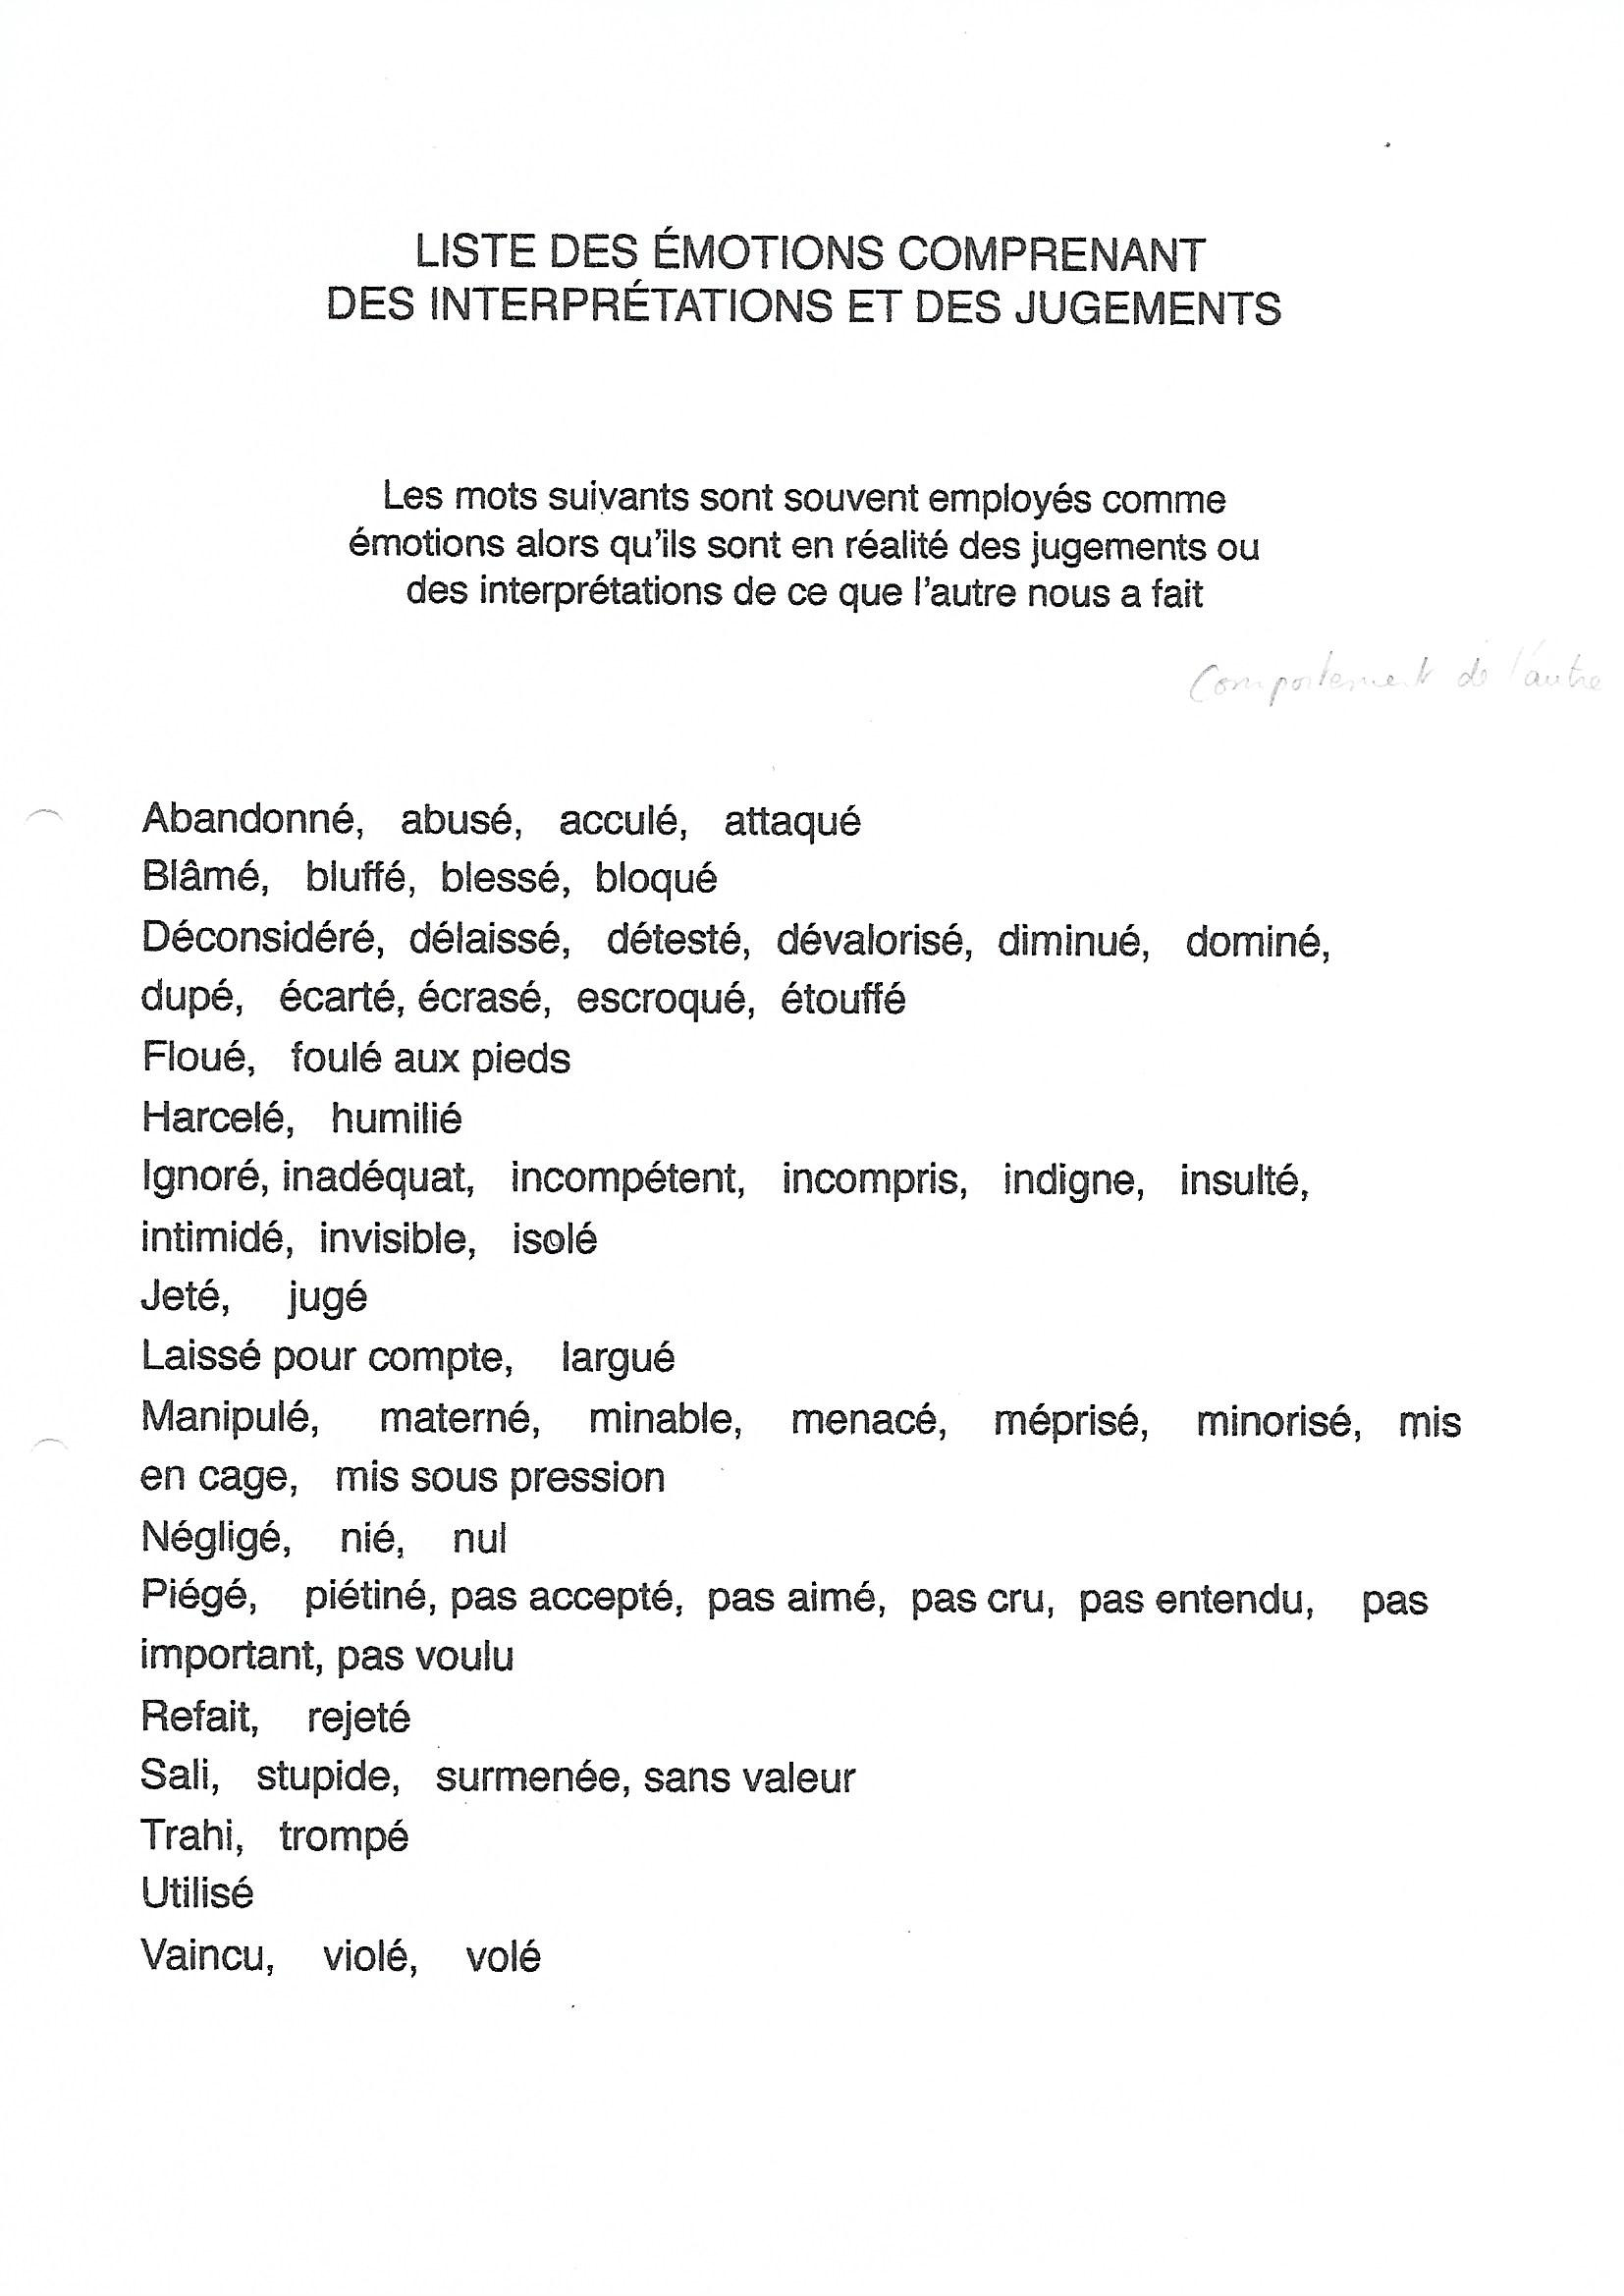 Liste des émotions comprenant jugements et interprétations